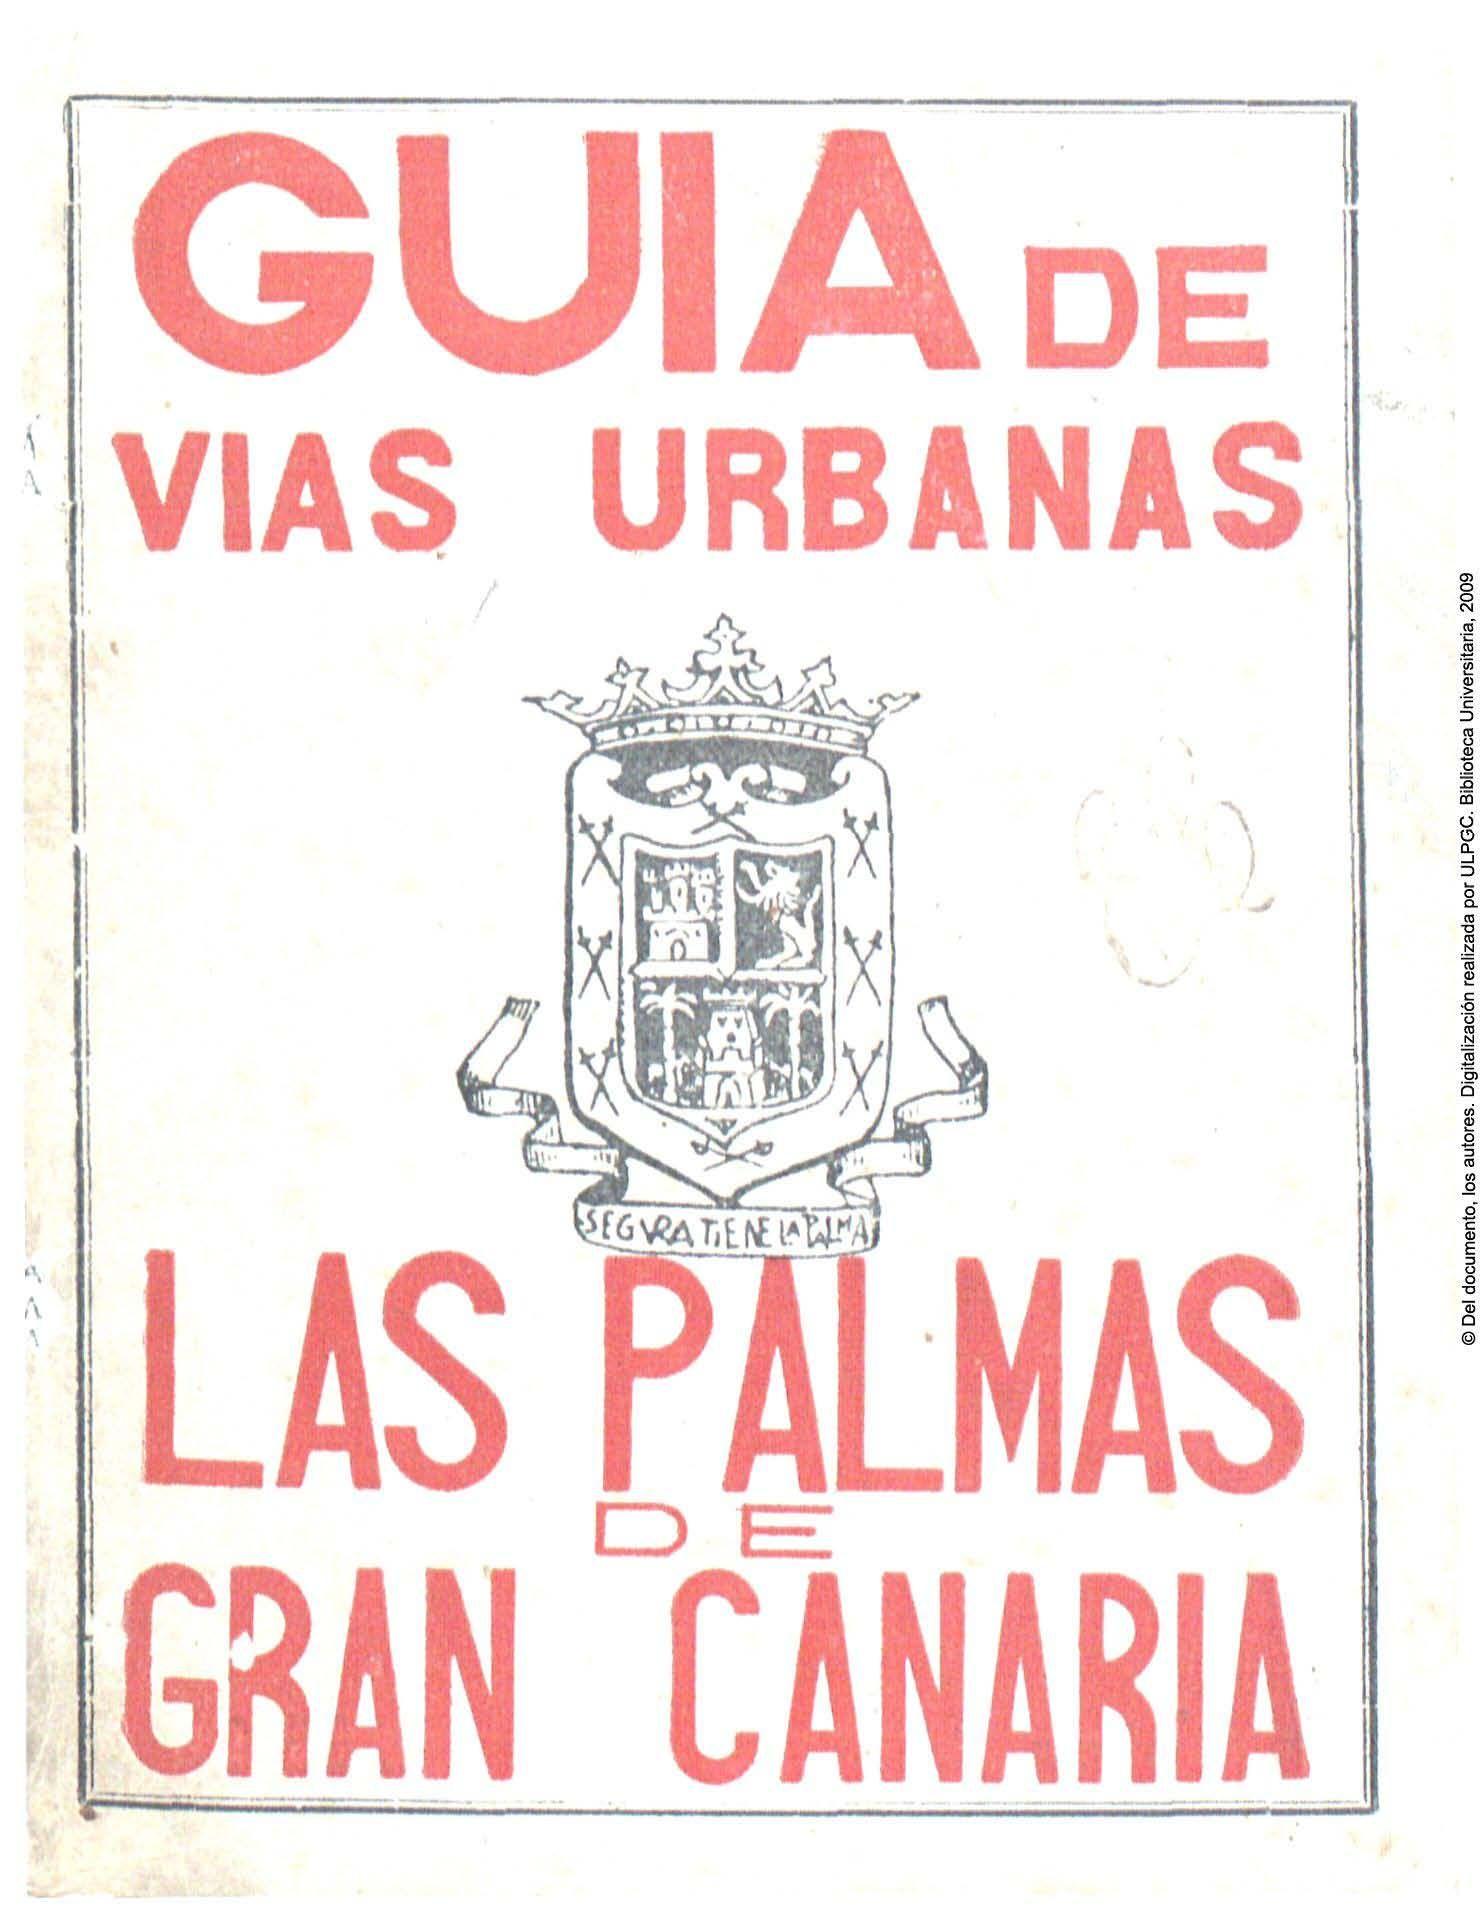 Guia De Las Vias Urbanas De Las Palmas De Gran Canaria In